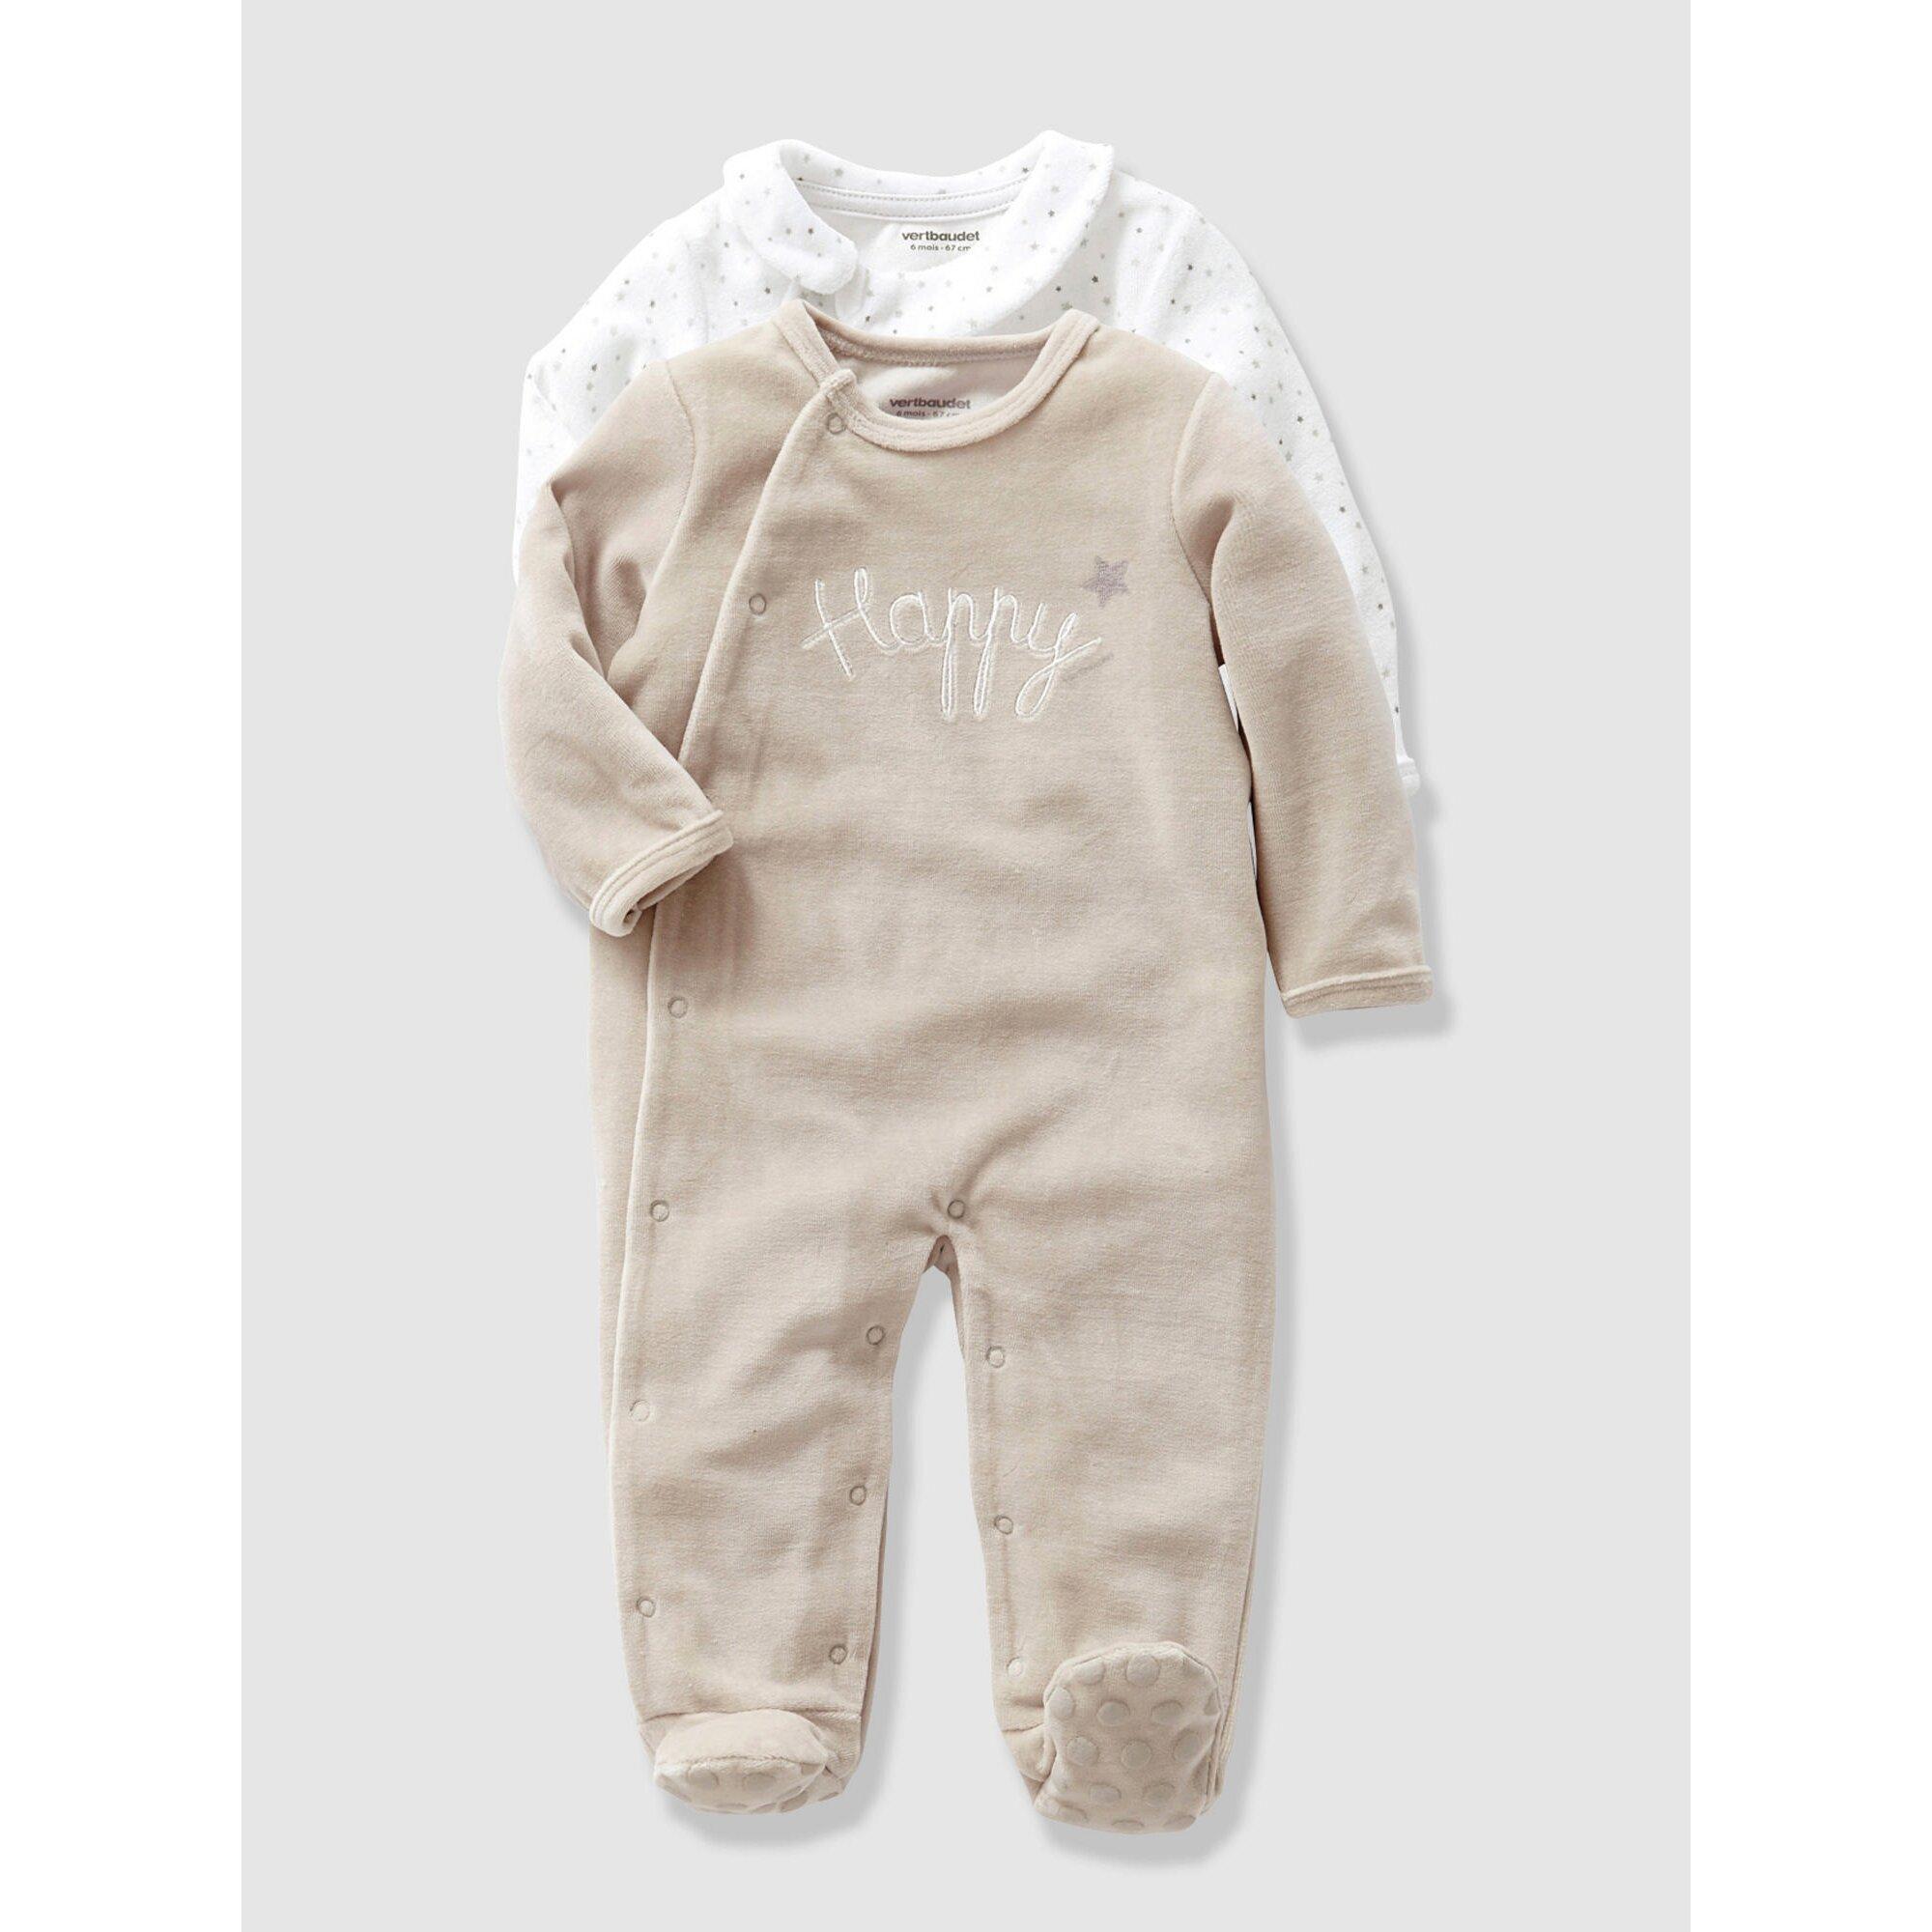 vertbaudet-2er-pack-unisex-strampler-fur-babys, 25.99 EUR @ babywalz-de